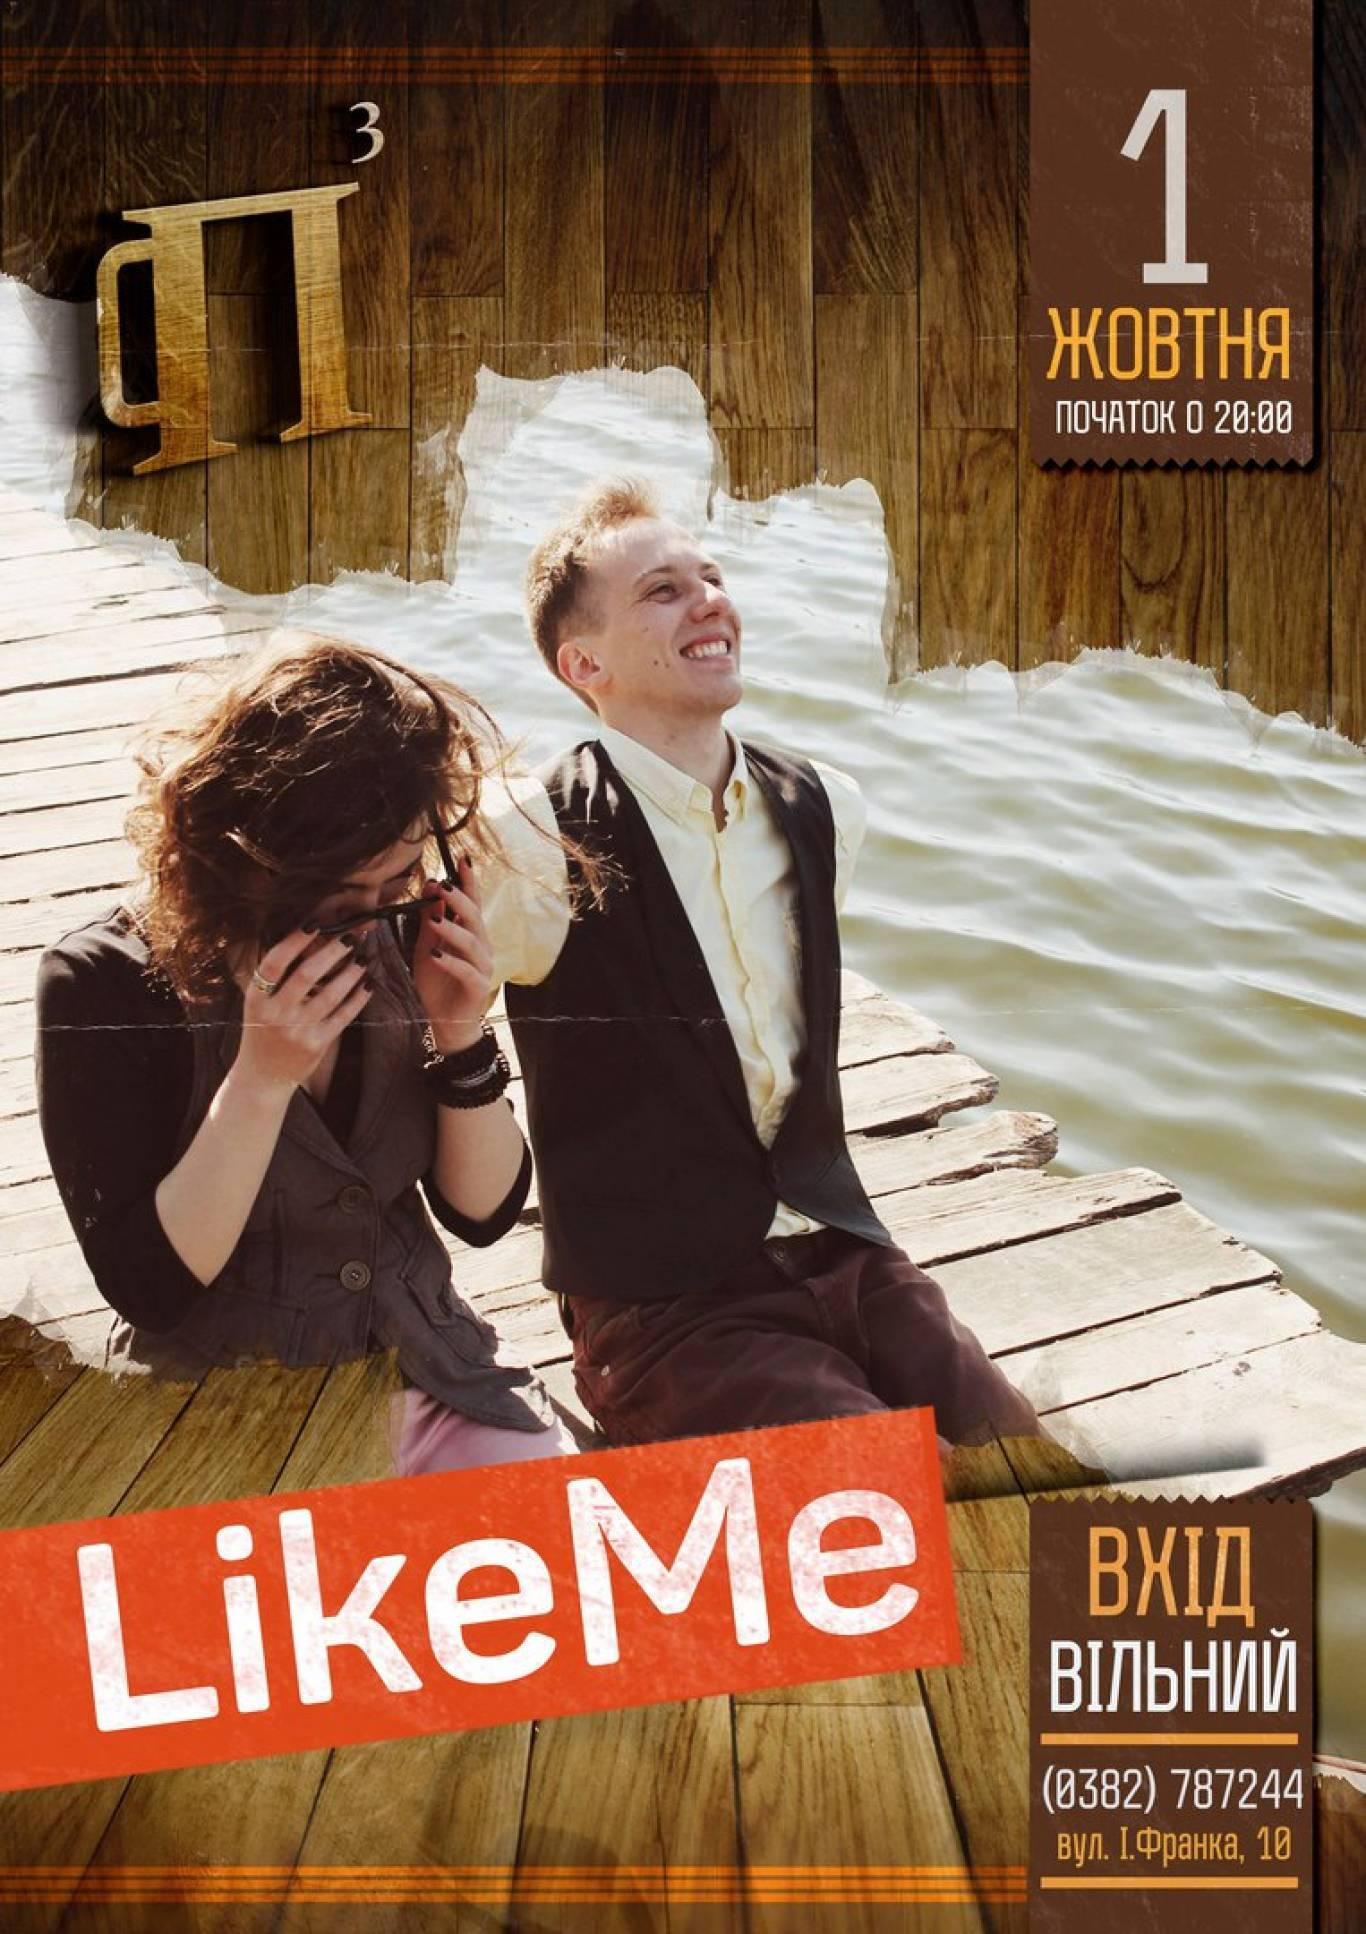 Концертний проект LikeMe